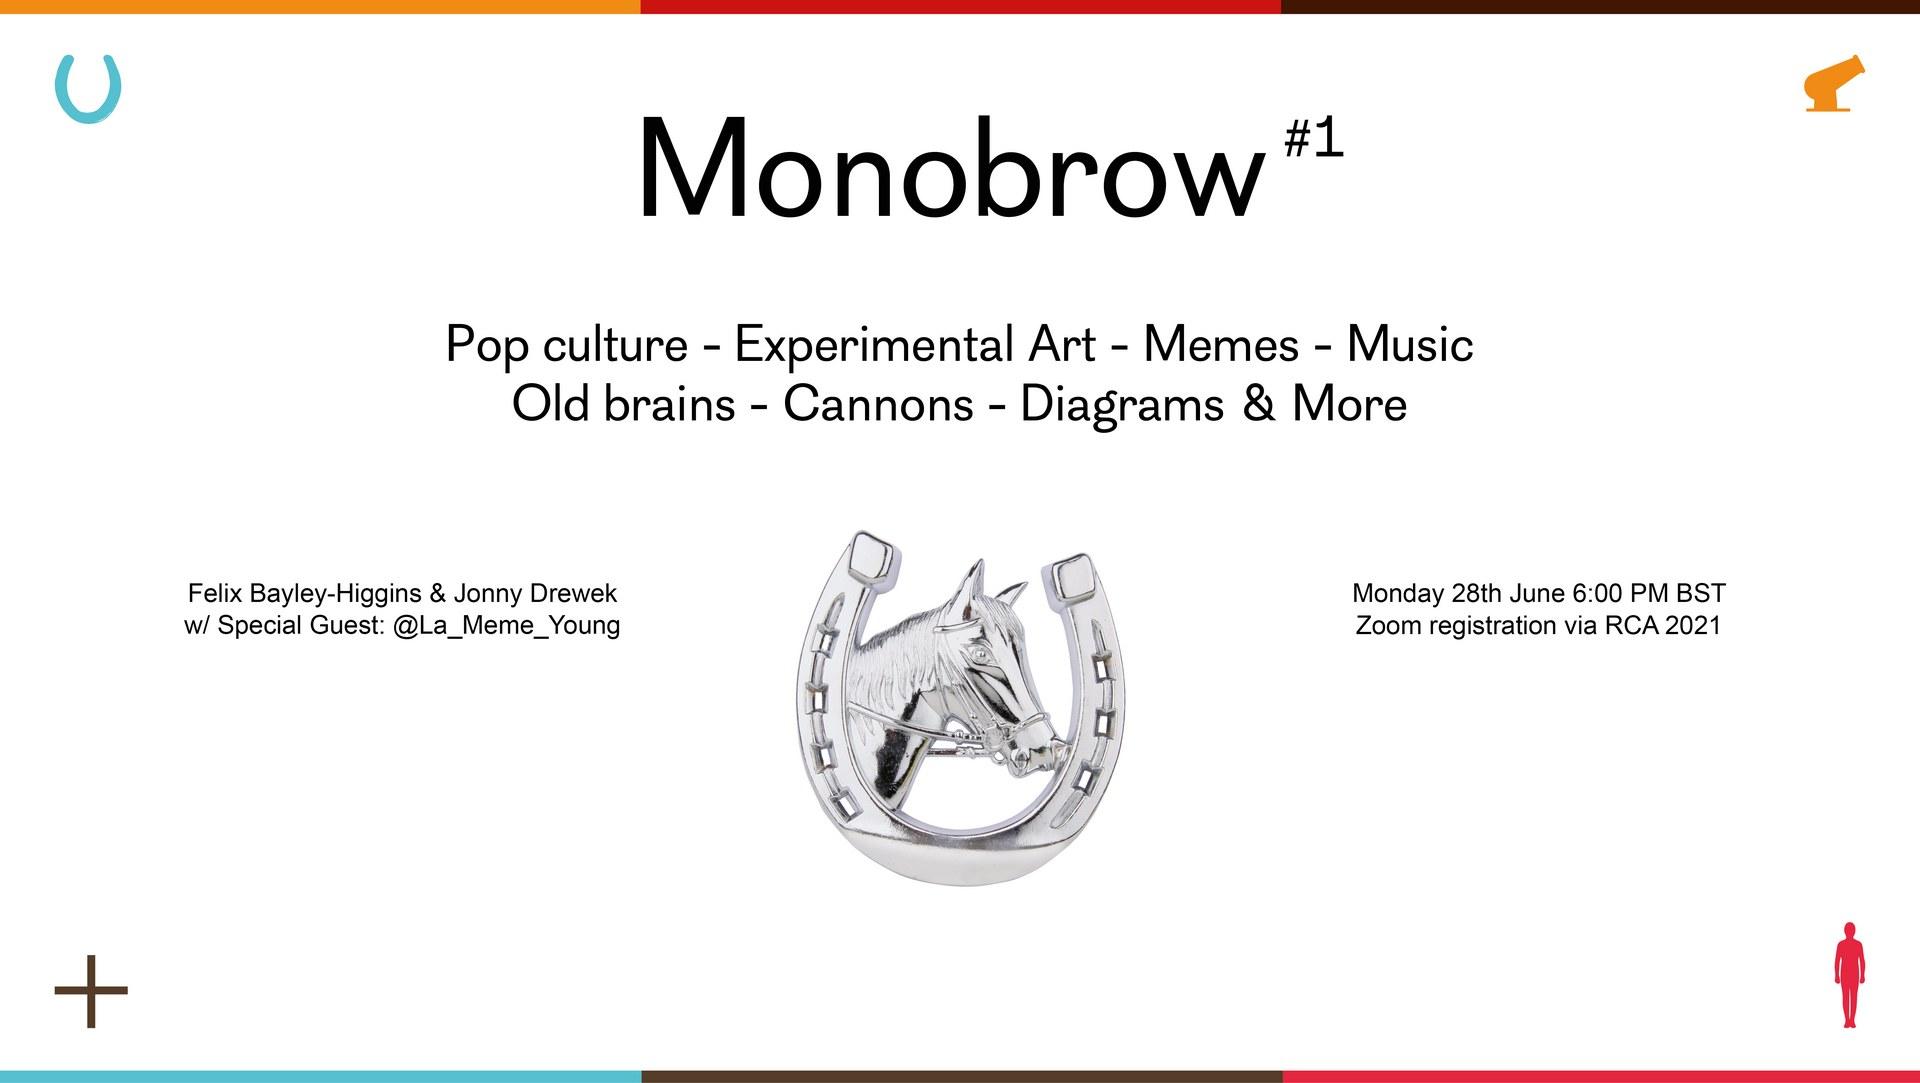 Monobrow #1